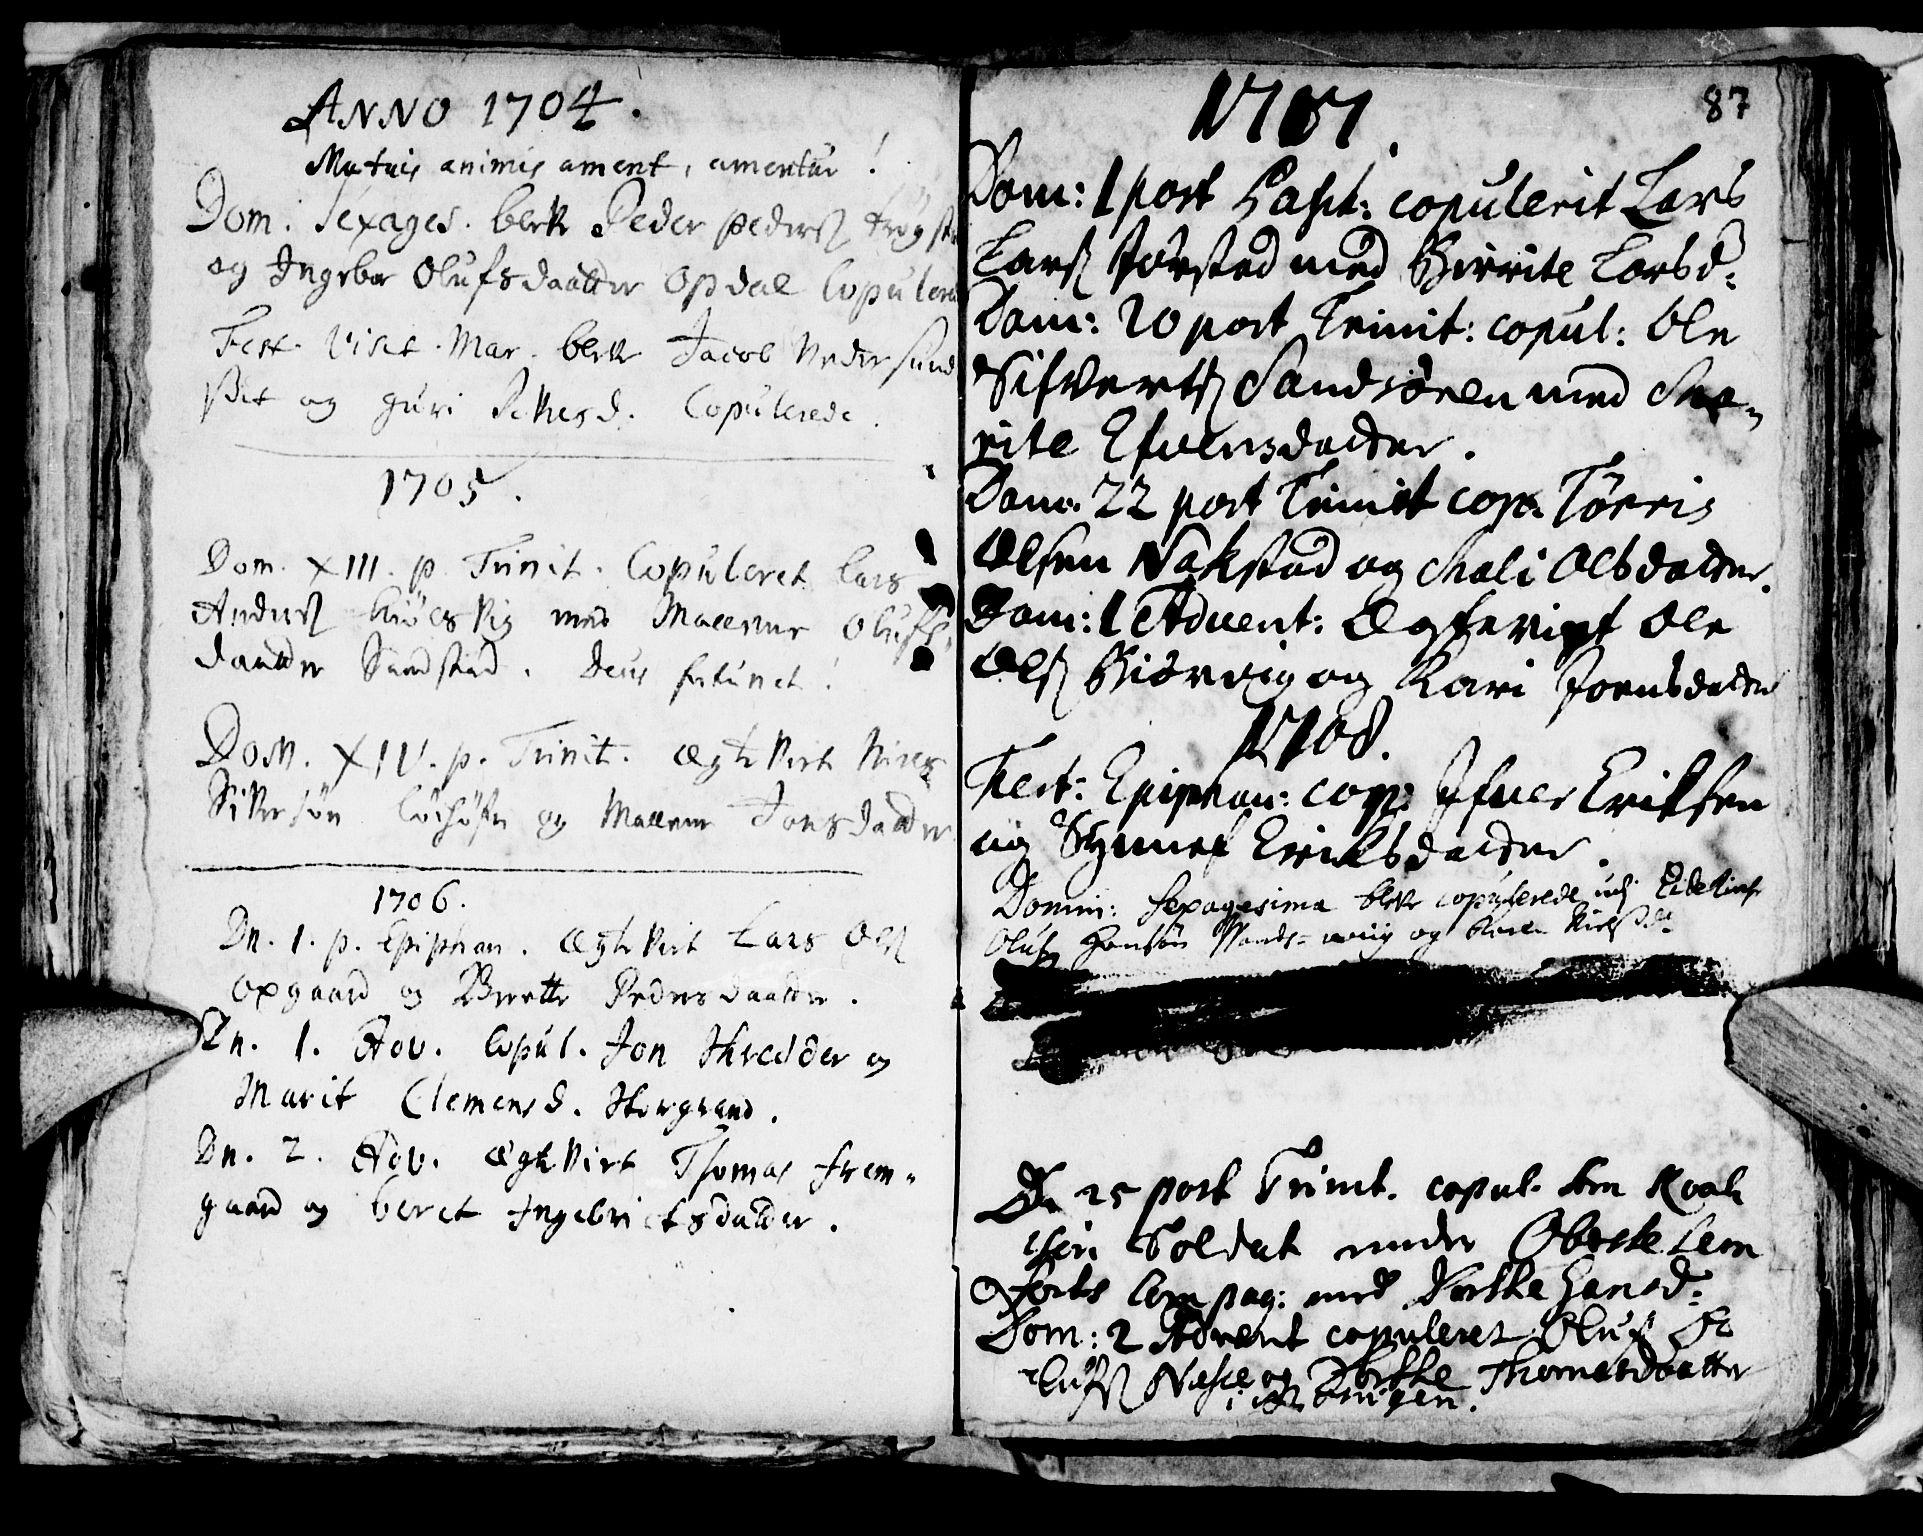 SAT, Ministerialprotokoller, klokkerbøker og fødselsregistre - Nord-Trøndelag, 722/L0214: Ministerialbok nr. 722A01, 1692-1718, s. 87